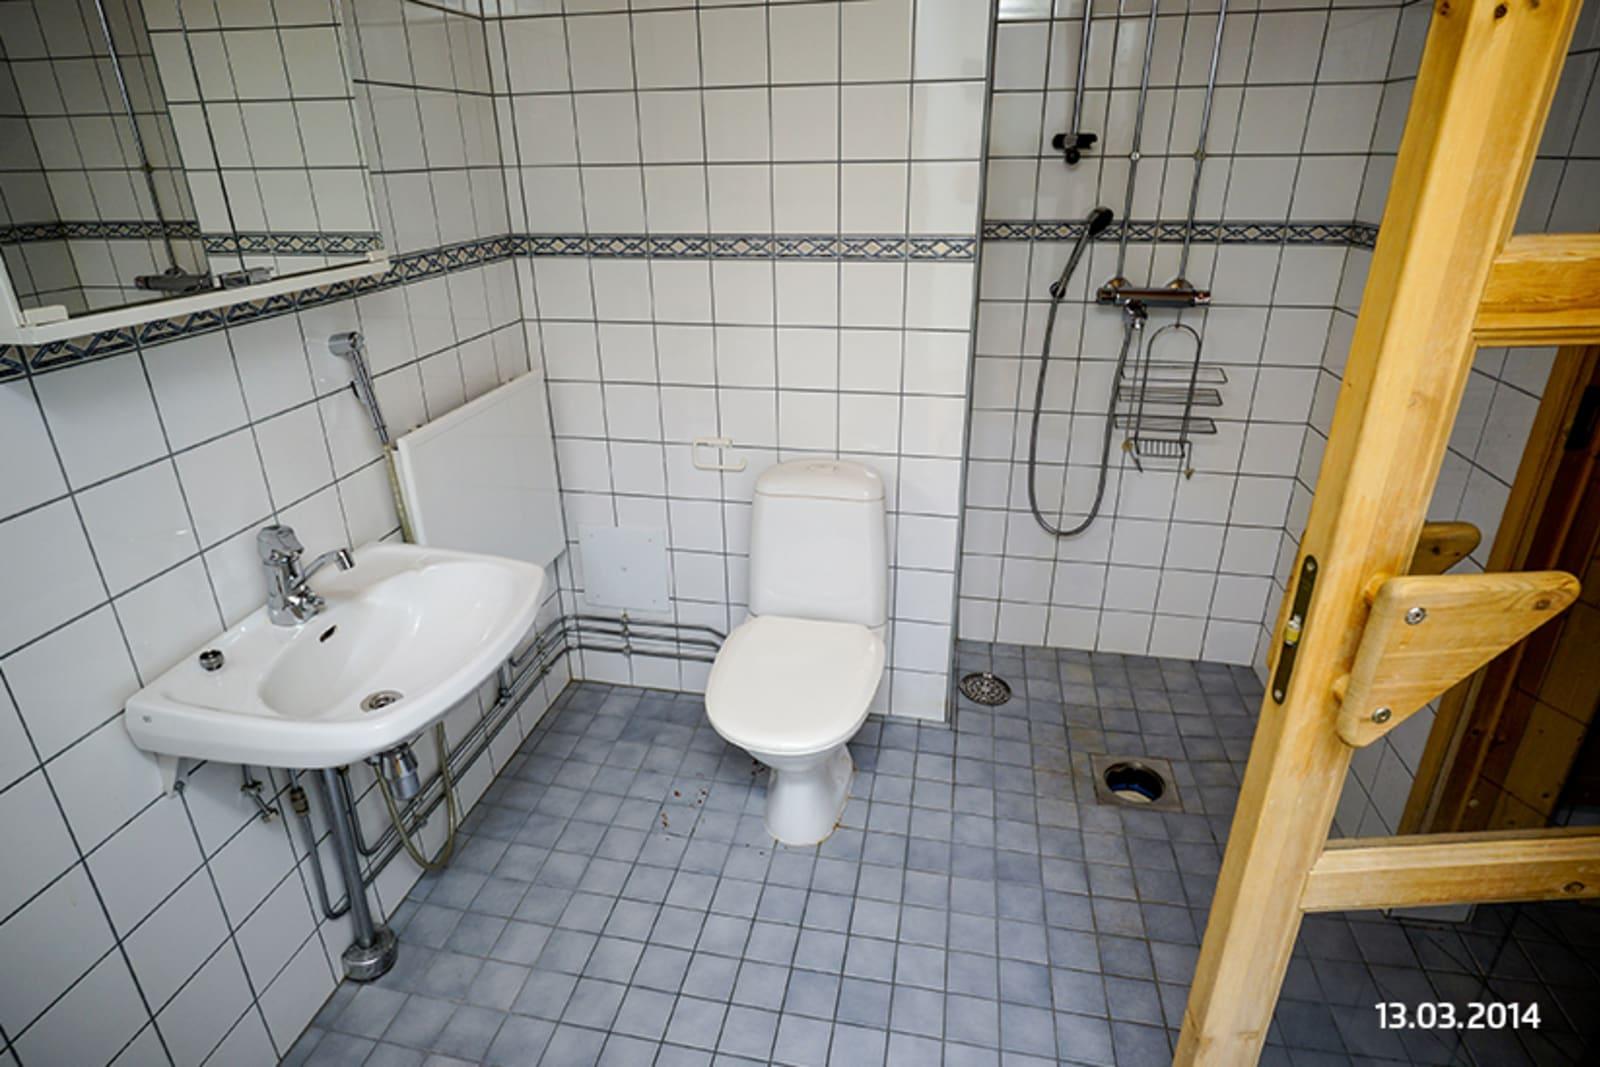 Helsinki, Sörnäinen, Lintulahdenaukio 8 as. 057